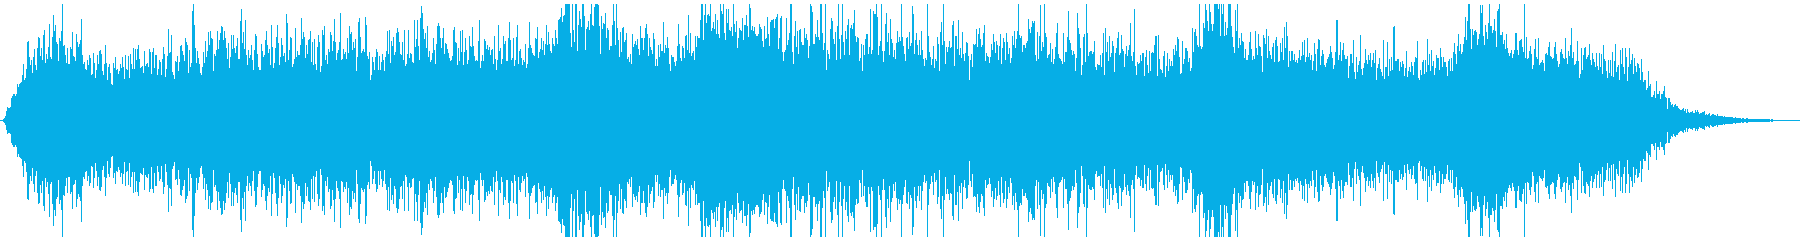 PADS リフトオフ01の再生済みの波形